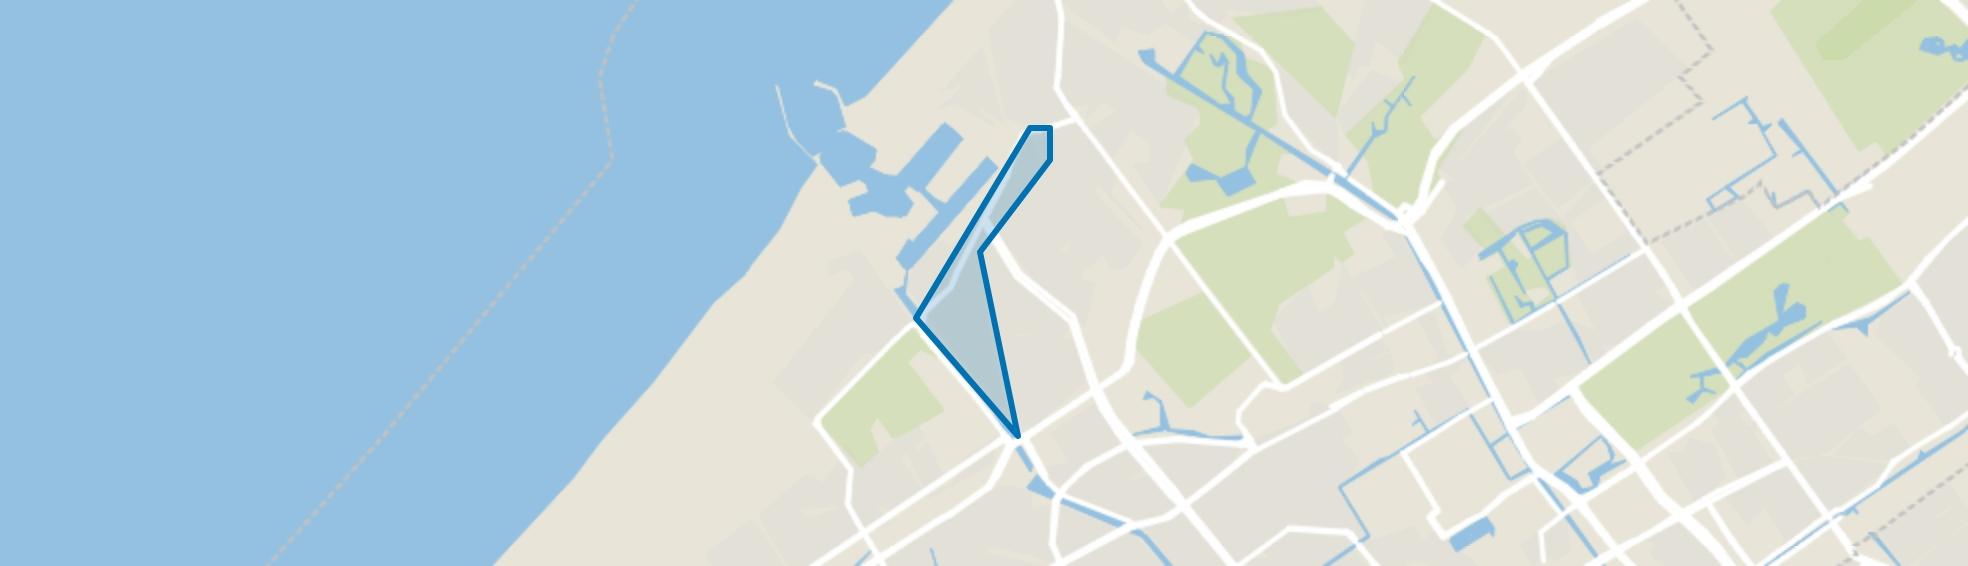 Geuzenkwartier, Den Haag map